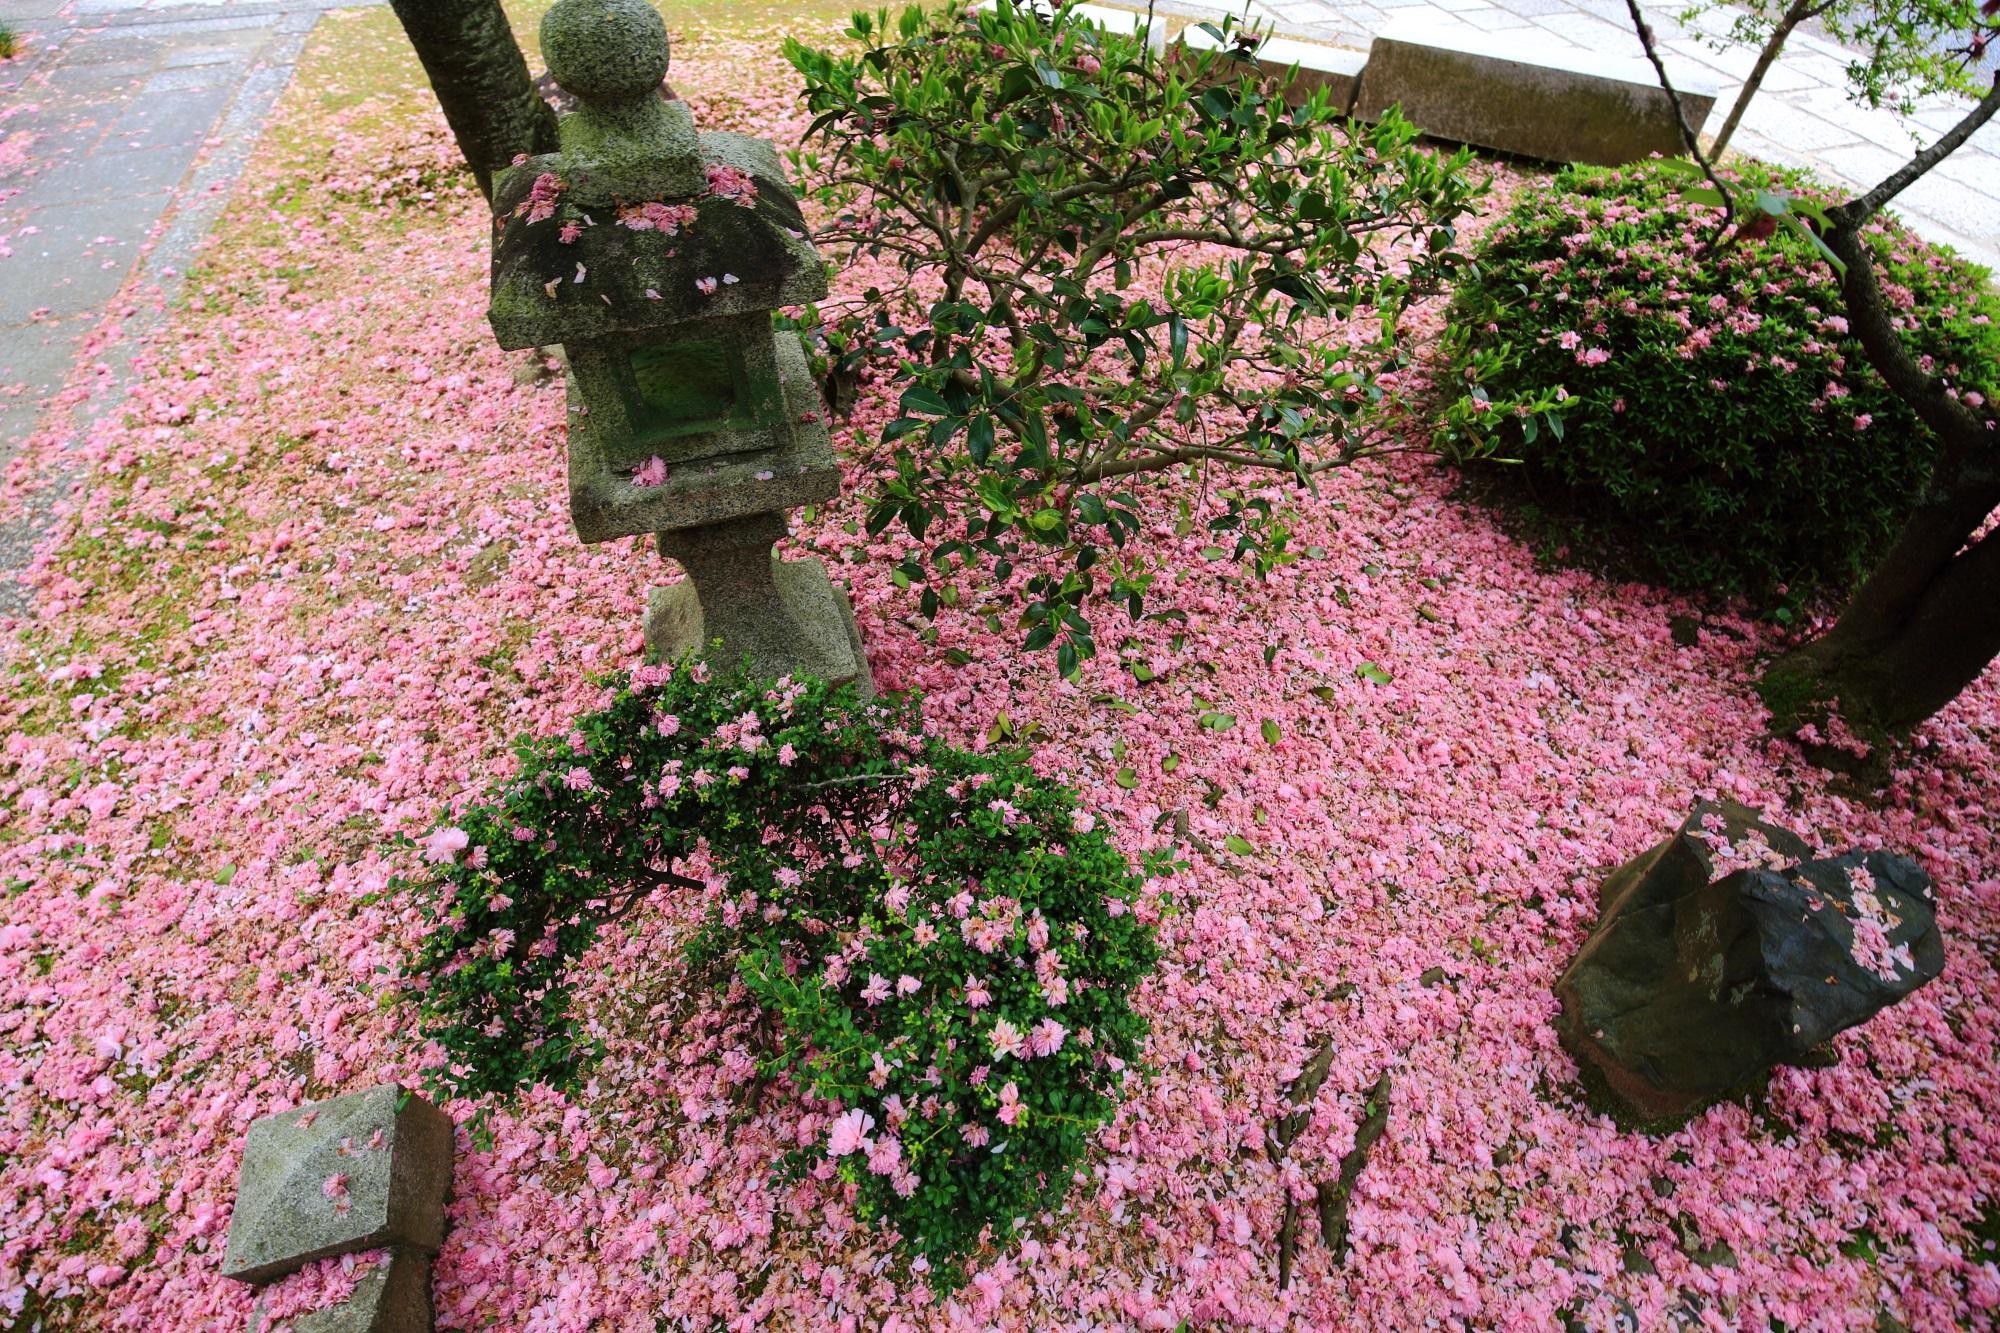 敢えて掃除をしないお寺の方の心意気による散り桜